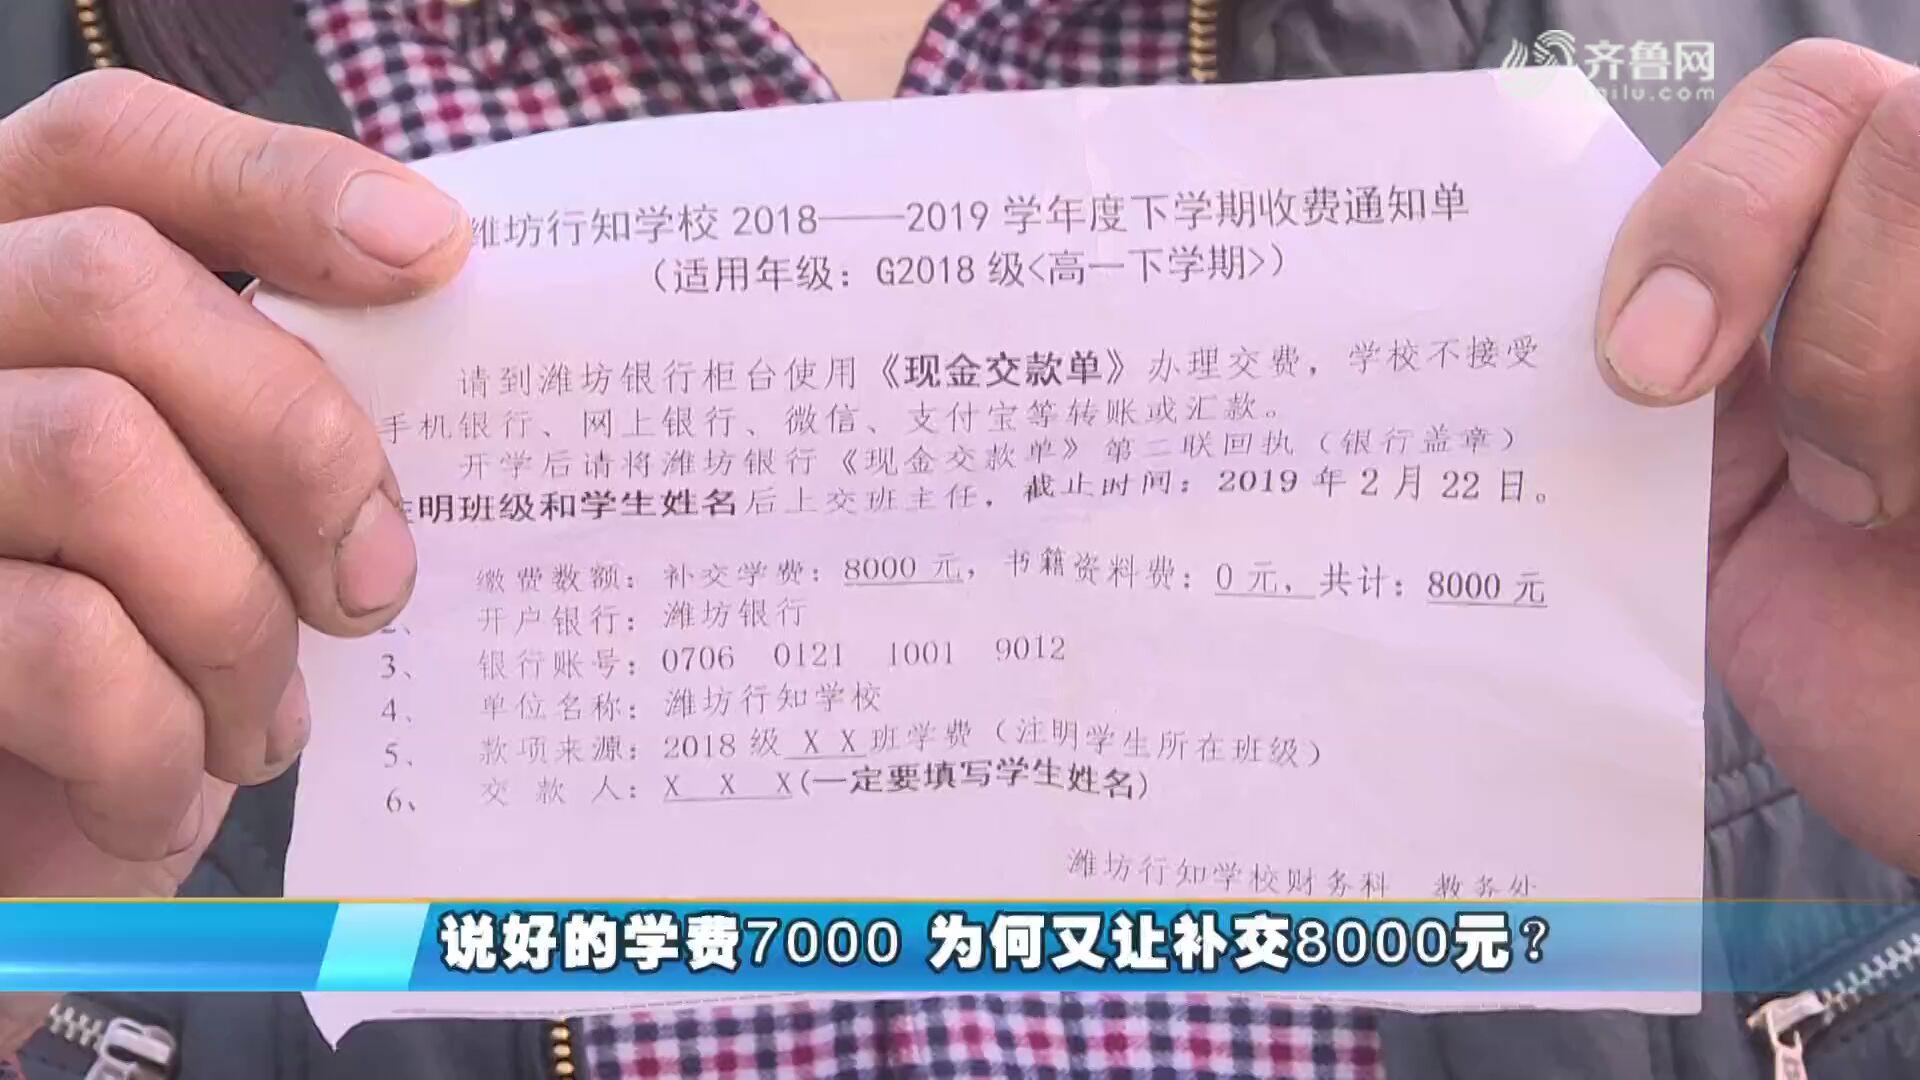 潍坊:说好的学费7000 为何又让补交8000元?